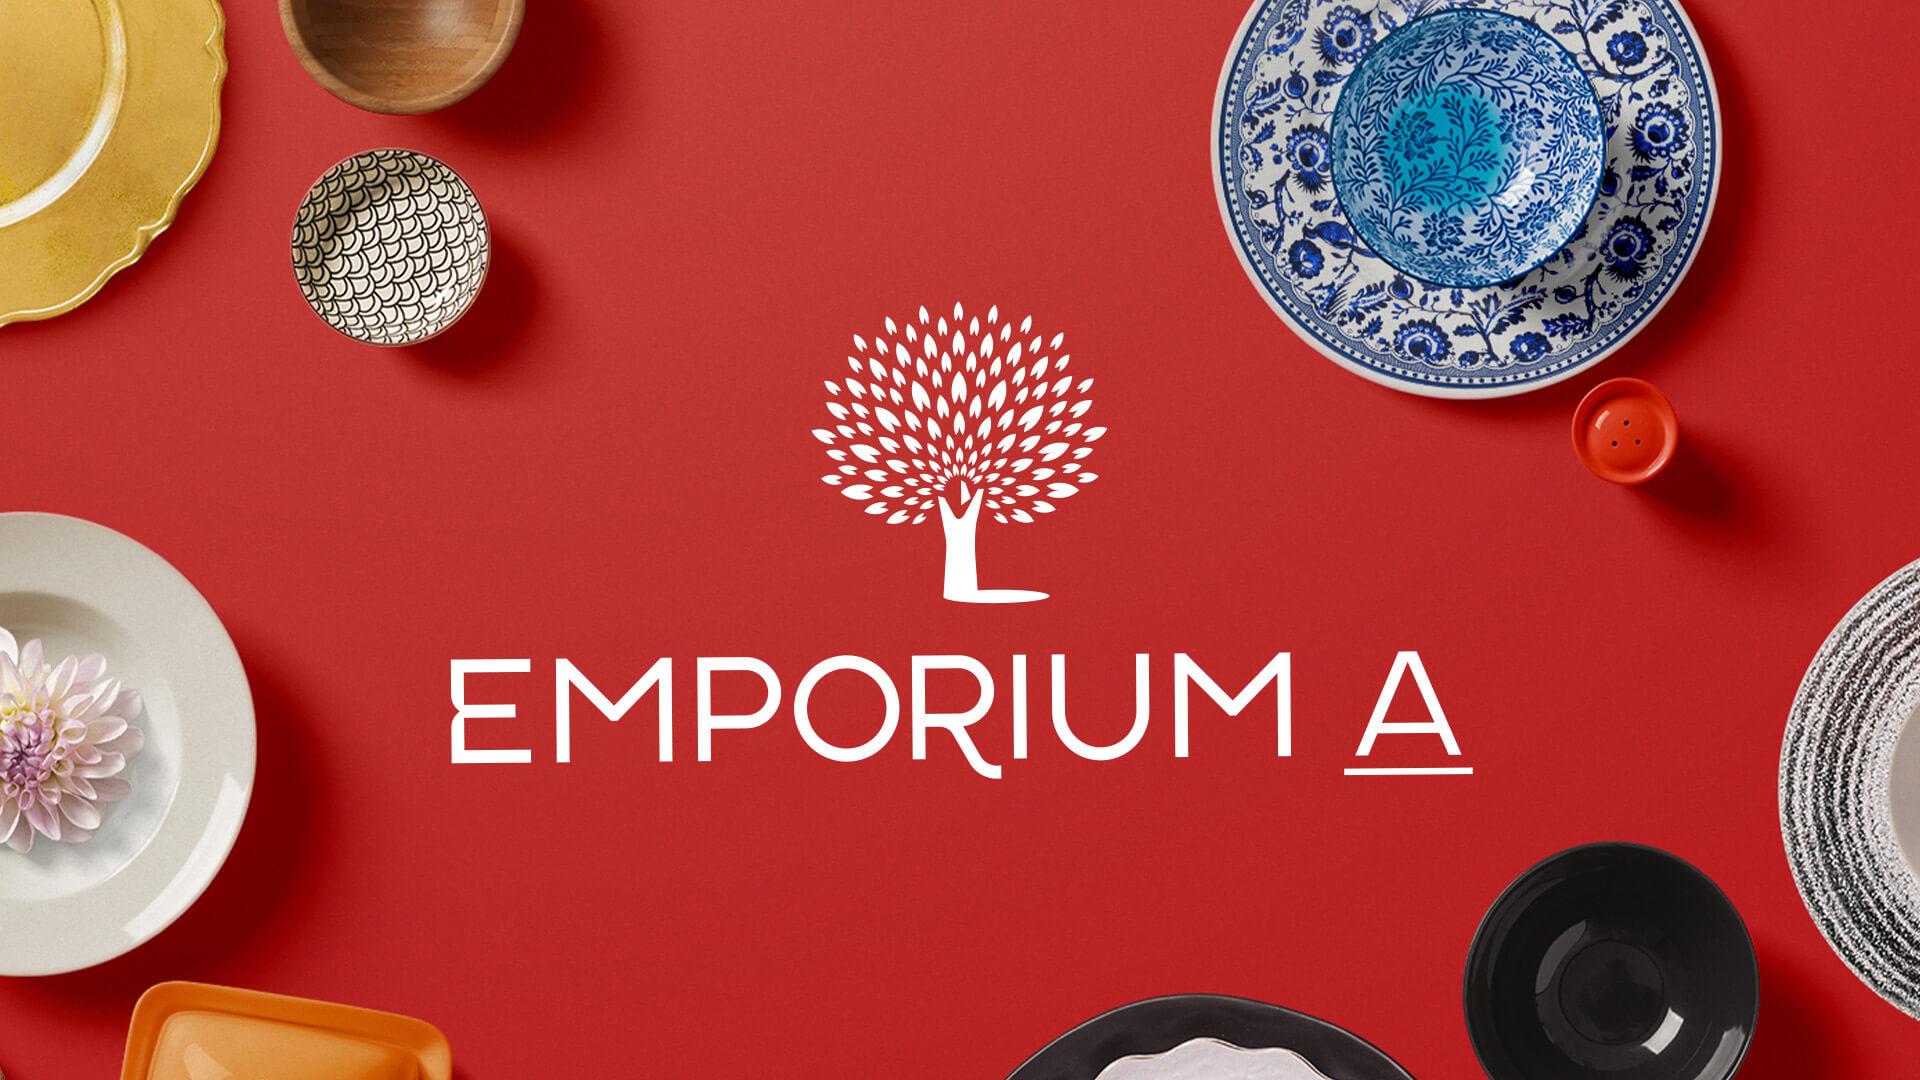 Emporium A